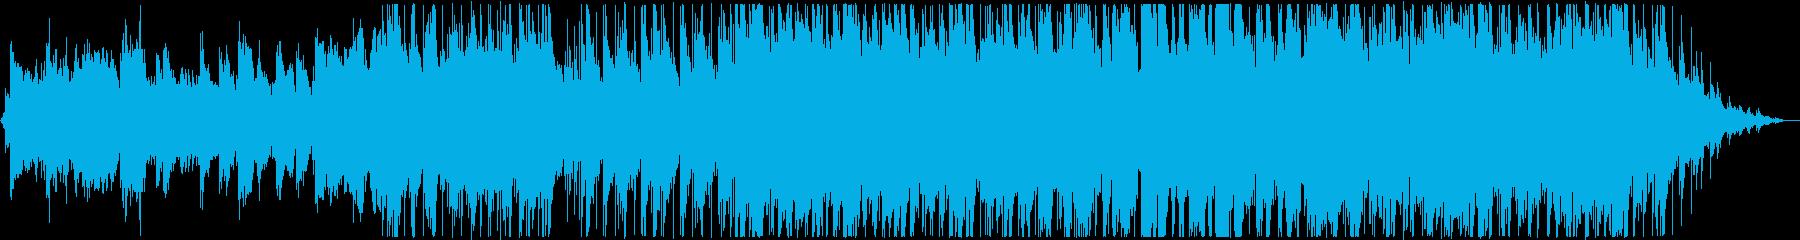 80年代風の切ない雰囲気のJpopの再生済みの波形